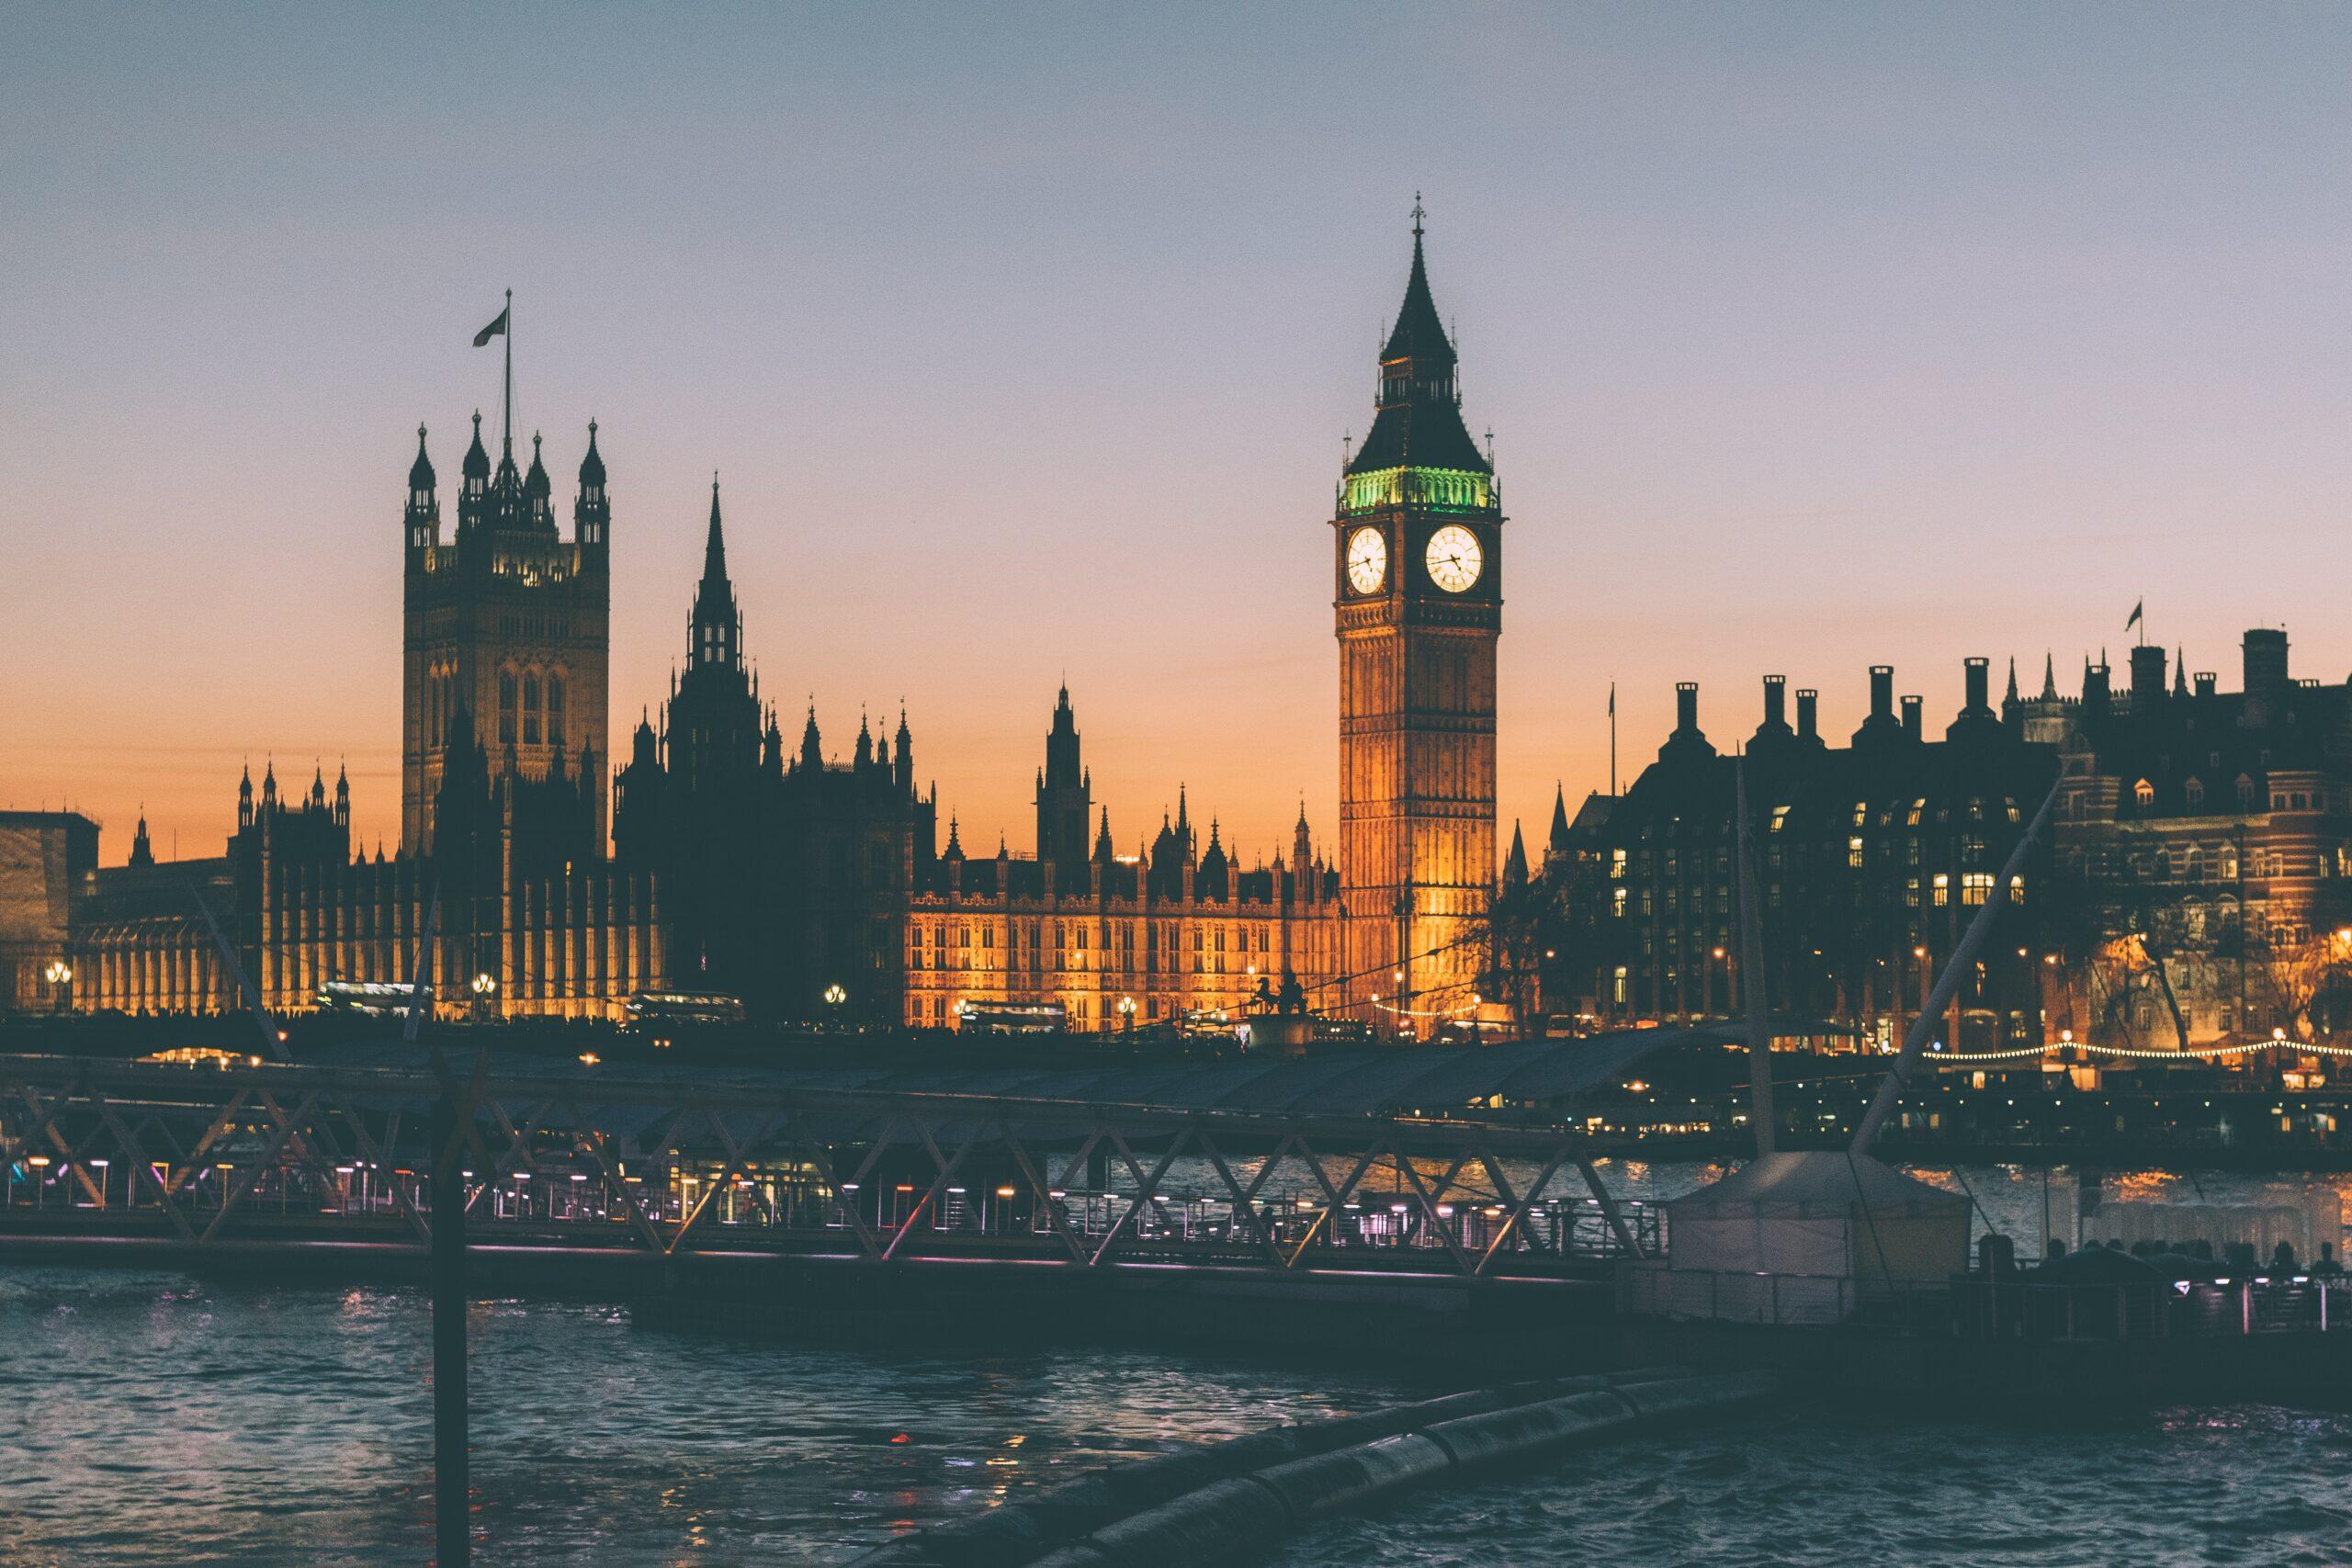 London weekend away